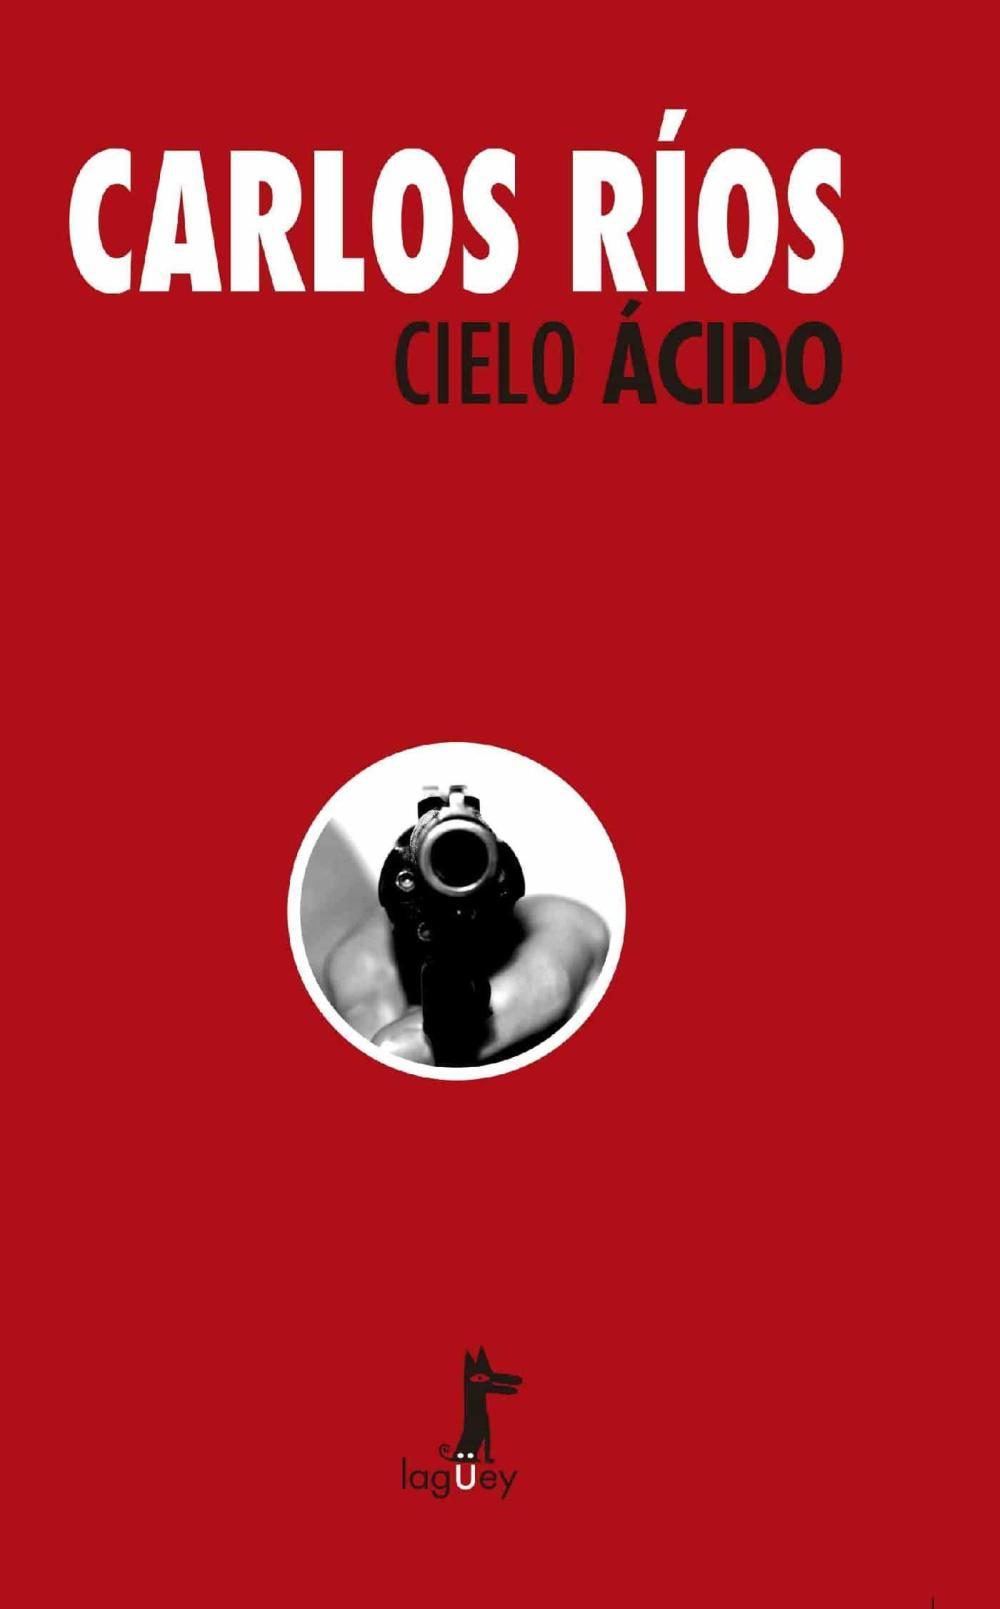 CIELO ÁCIDO